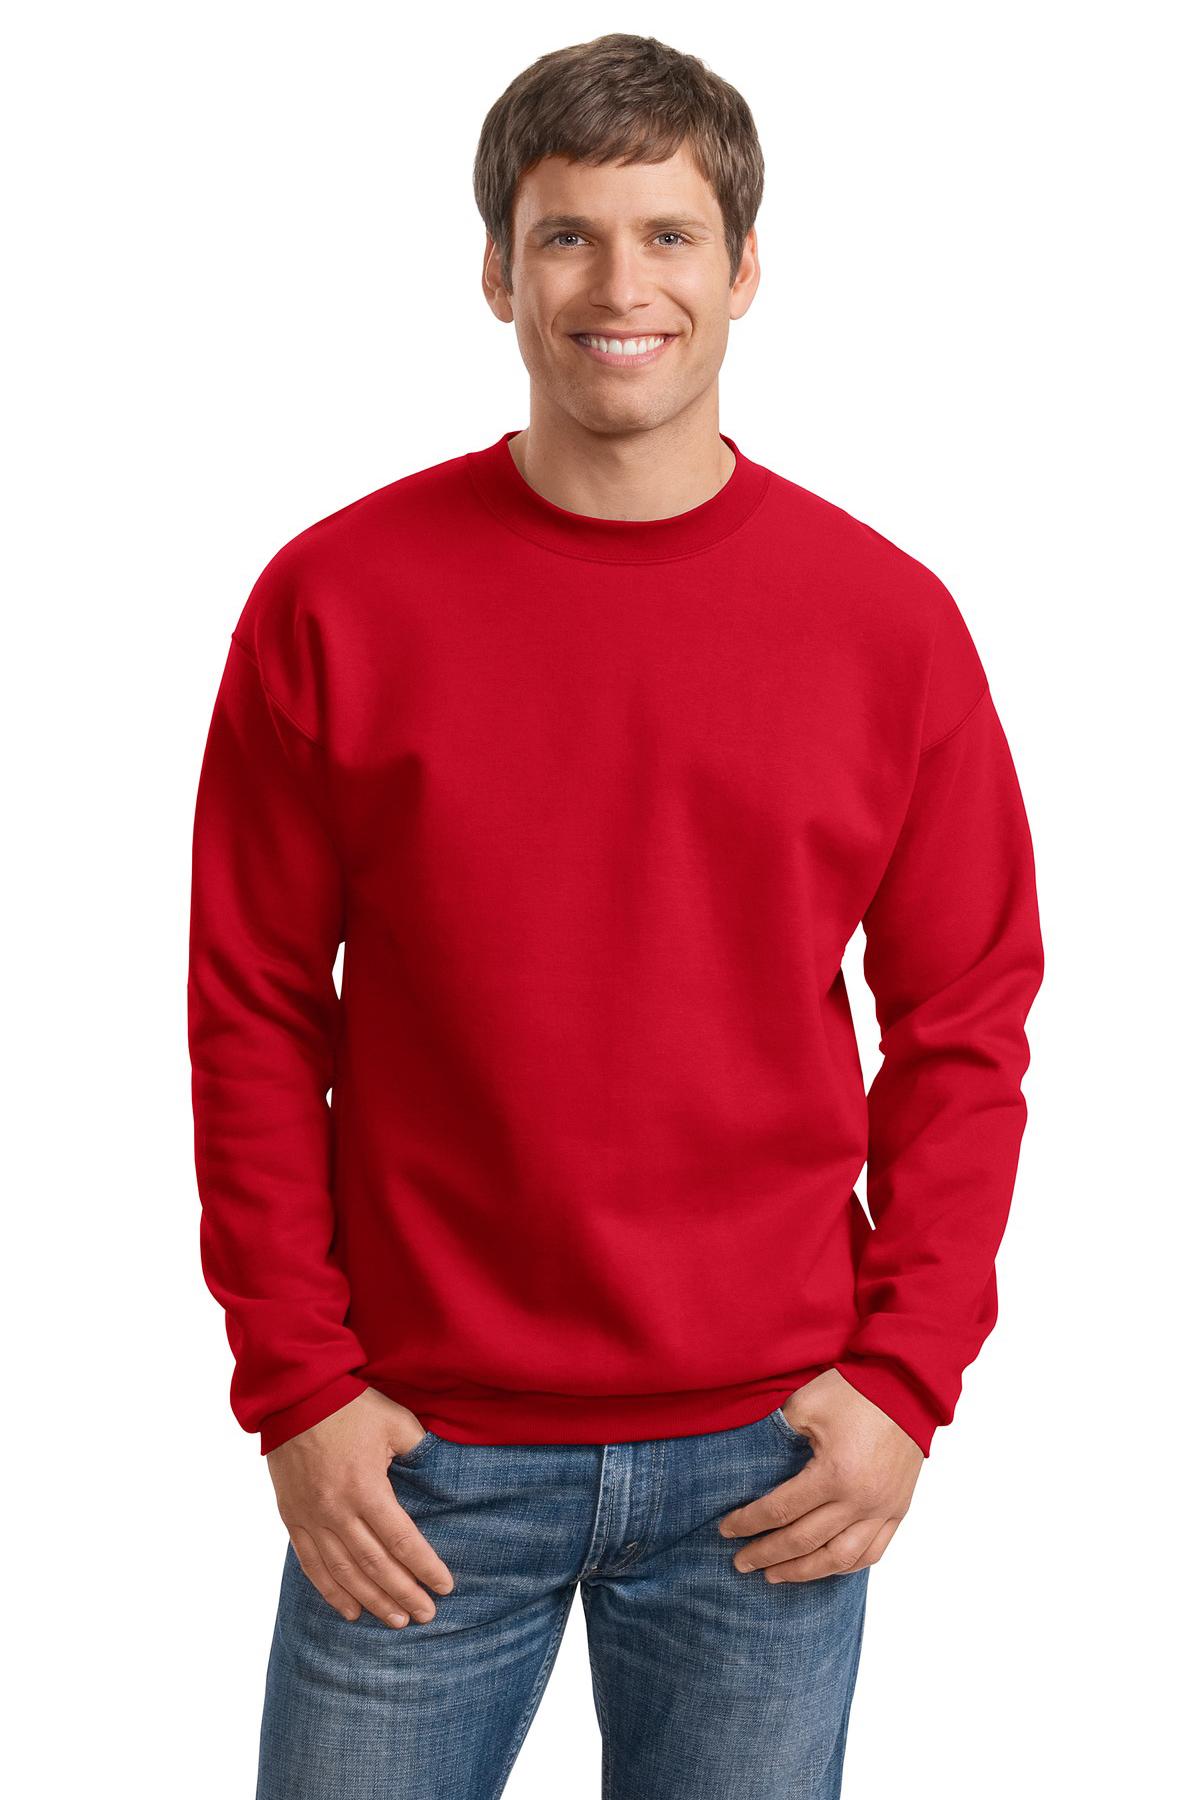 Sweatshirts-Fleece-Crew-Necks-12